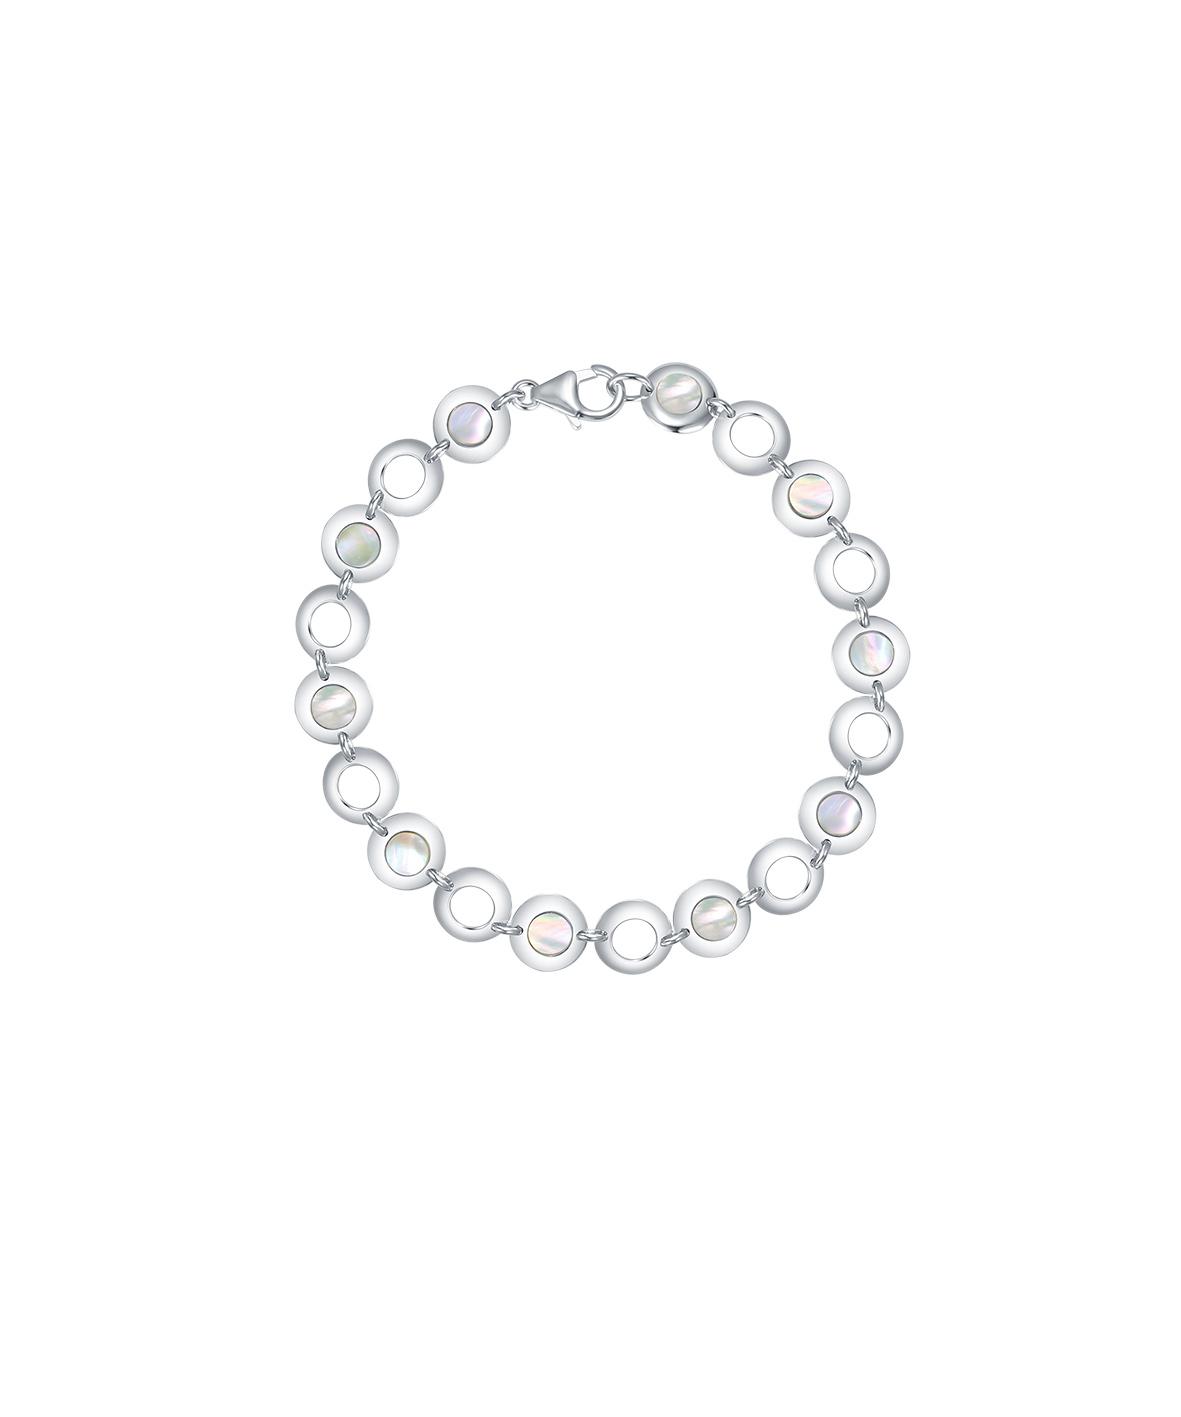 5mm Ormer Dome Bracelet